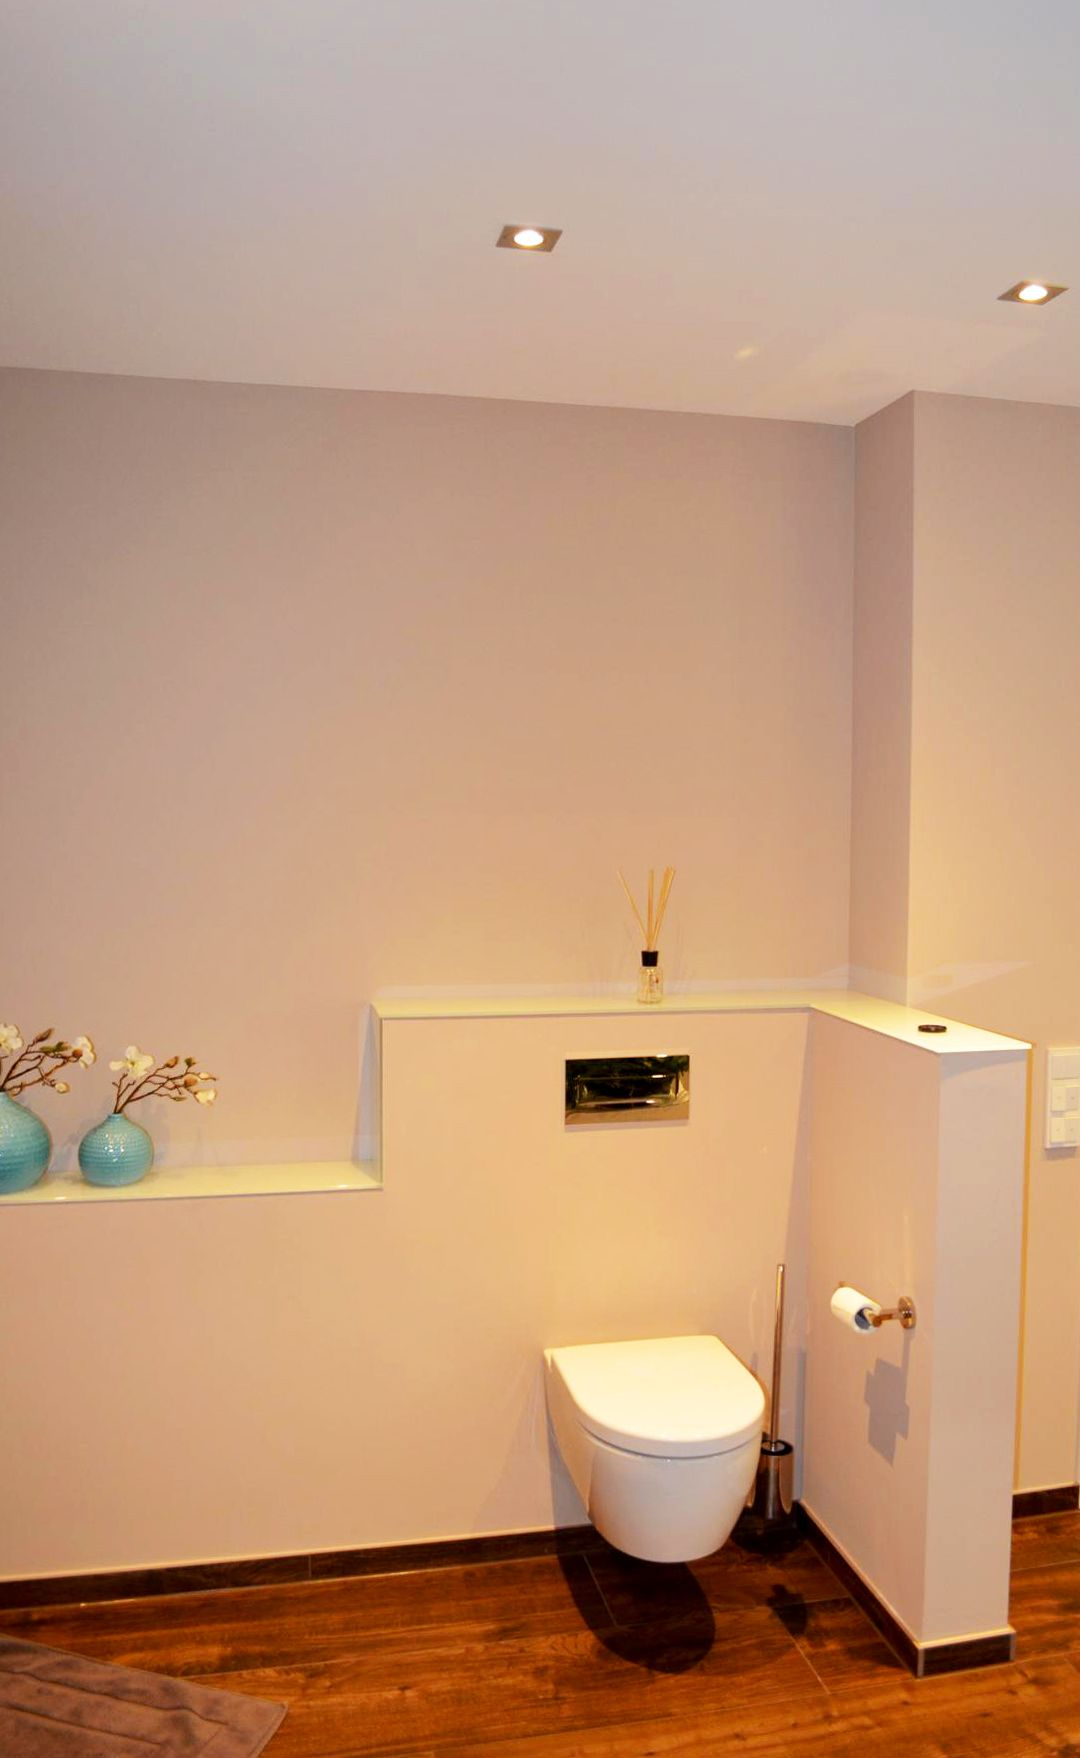 wc hinter vormauerung | badezimmer der brüning gmbh in münster in